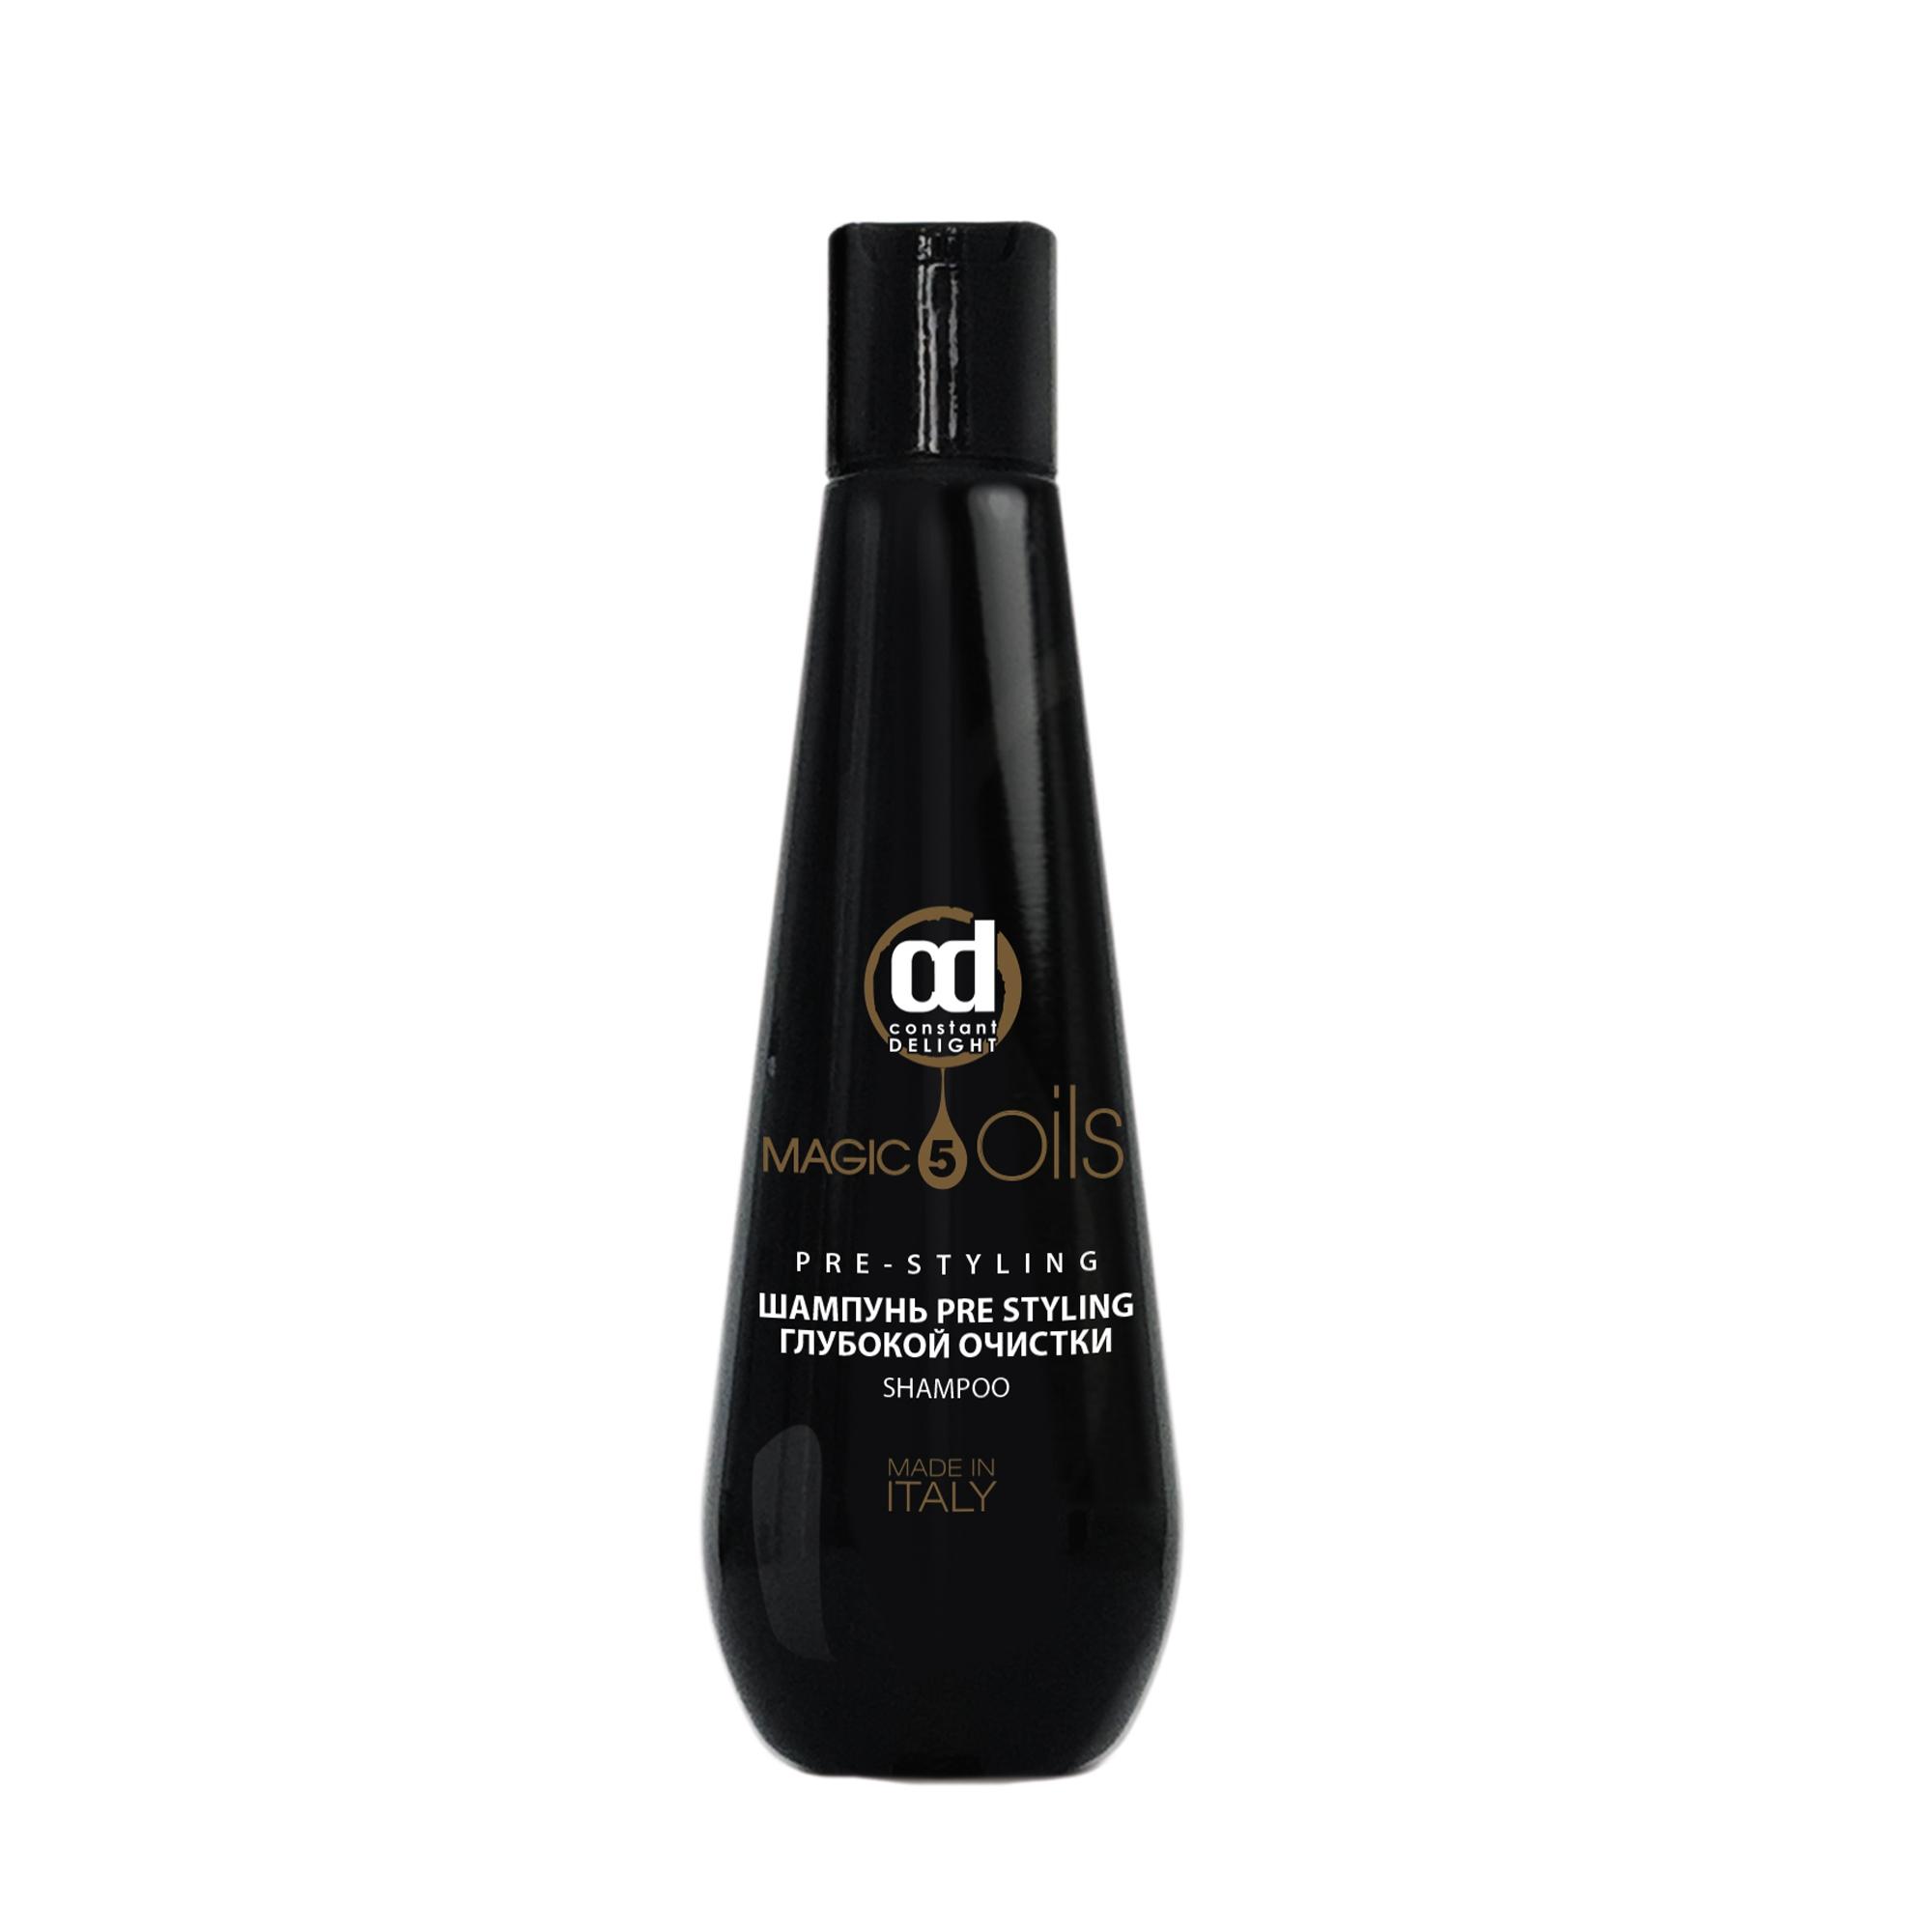 CONSTANT DELIGHT Шампунь PRE STYLING Глубокой очистки / 5 Magic Oil 250 млШампуни<br>Для превосходного очищения, роскошного блеска и непревзойденной мягкости. В состав формулы шампуня, входят  5 Магических Масел : Макадамии, Хлопка, Жожоба, Авокадо, Арганы. Шампунь деликатно очищает, увлажняет, питает, защищает структуру волос, возвращая им блеск и жизненную силу. Отлично подготавливает волосы к стайлингу. Благодаря инновационной микроэмульсионной технологии волосы становятся невероятно гладкими и красивыми. Подходит для ежедневного применения и всех типов волос. Активные ингредиенты: масла Макадами, Хлопка, Жожоба, Авокадо и Арганы. Способ применения: нанести на влажные волосы, вспенить, выдержать в течение 2 минут. Смыть большим количеством воды.<br><br>Типы волос: Для всех типов